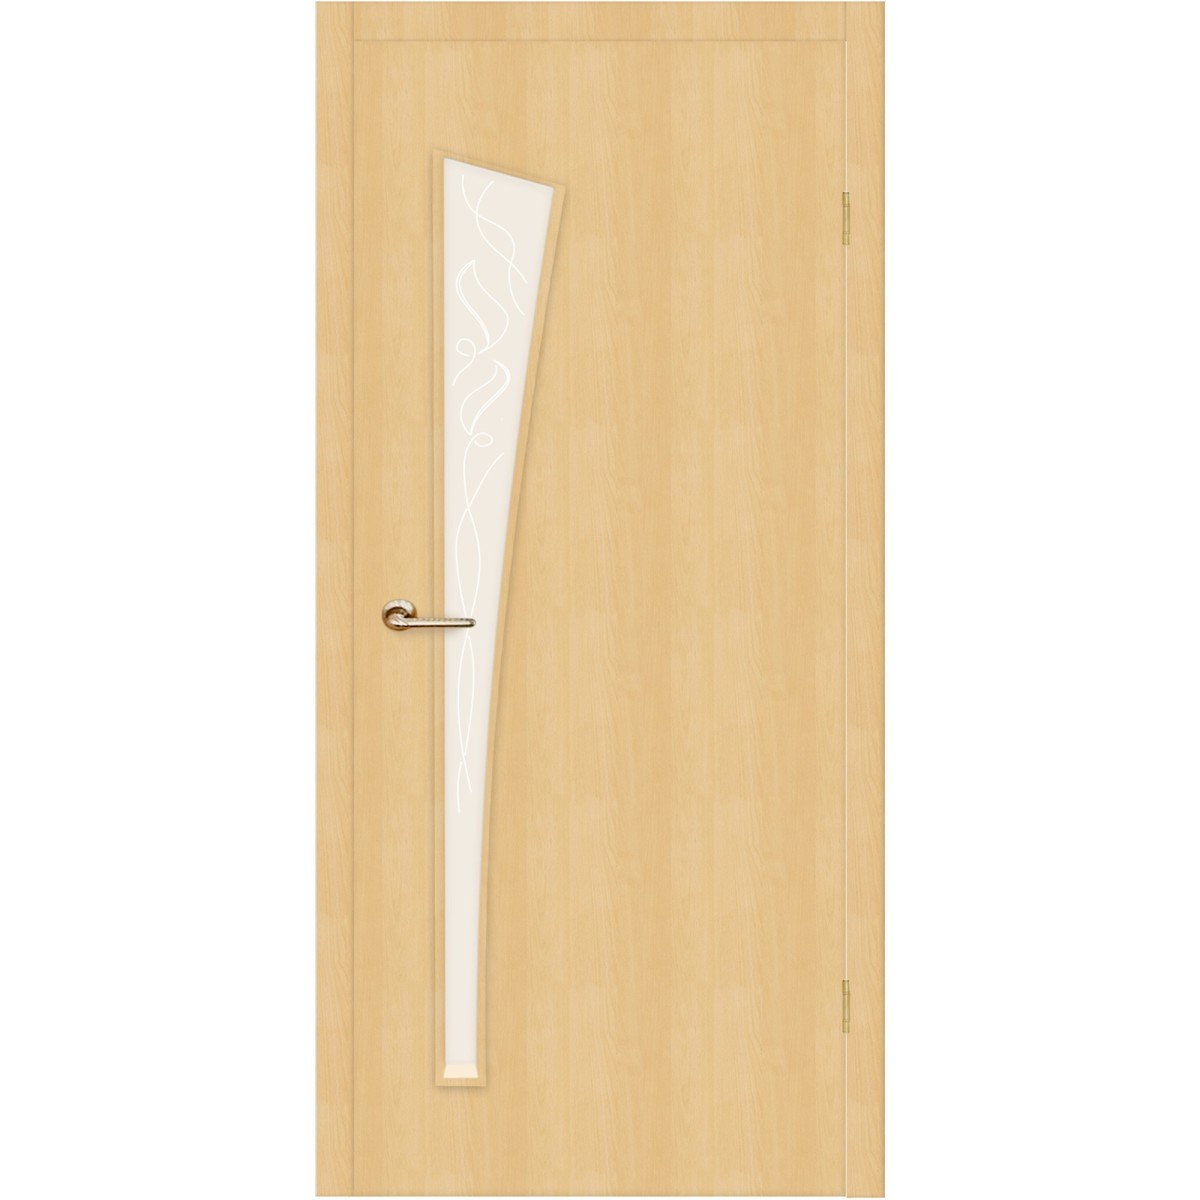 Дверь Межкомнатная Остеклённая Belleza 80x200 Ламинация Цвет Дуб Белый